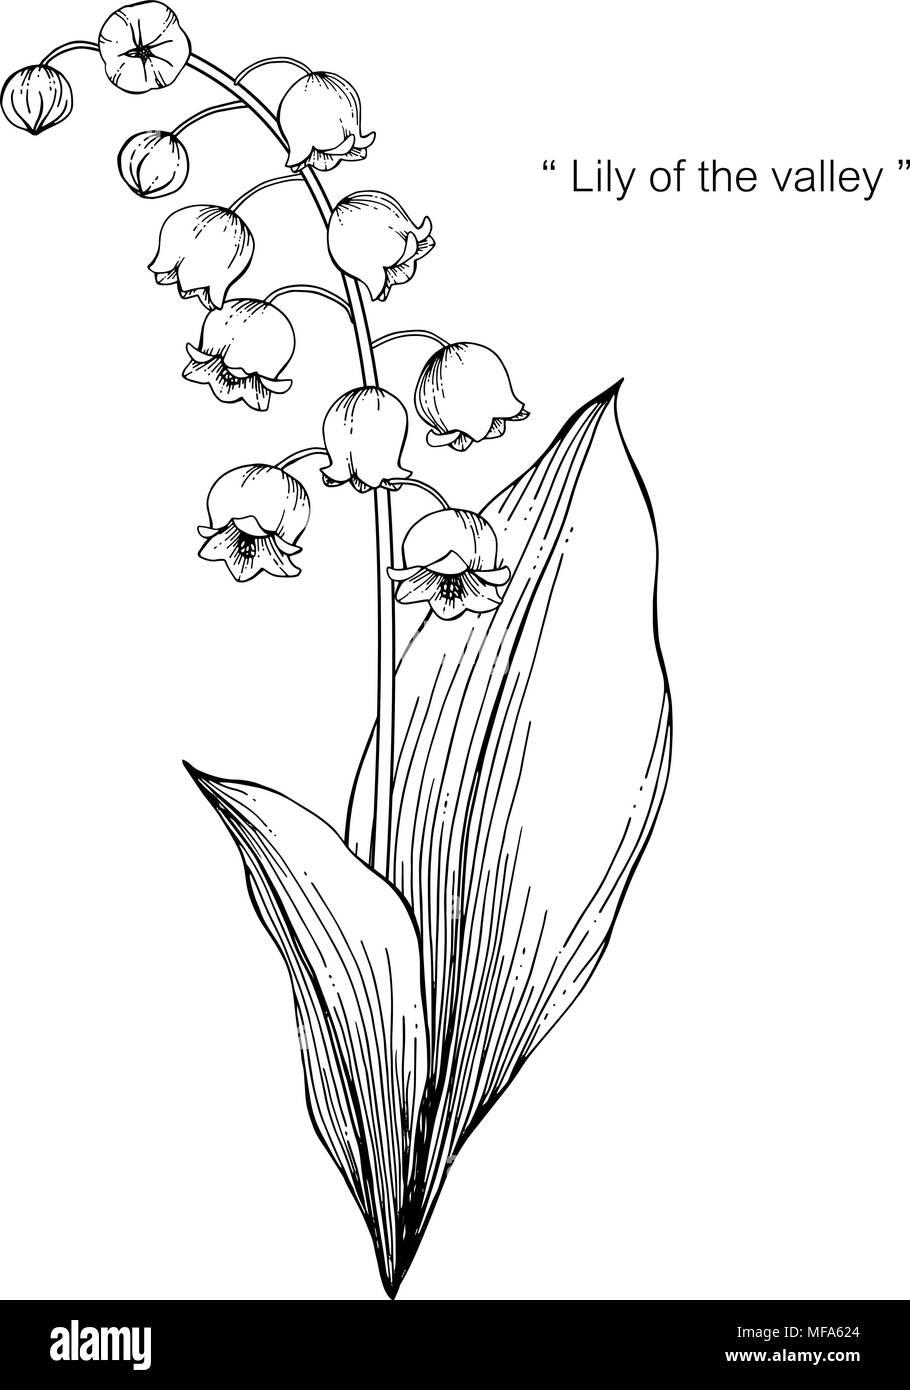 Le Muguet Fleur Dessin Illustration Noir Et Blanc Avec Dessin Au